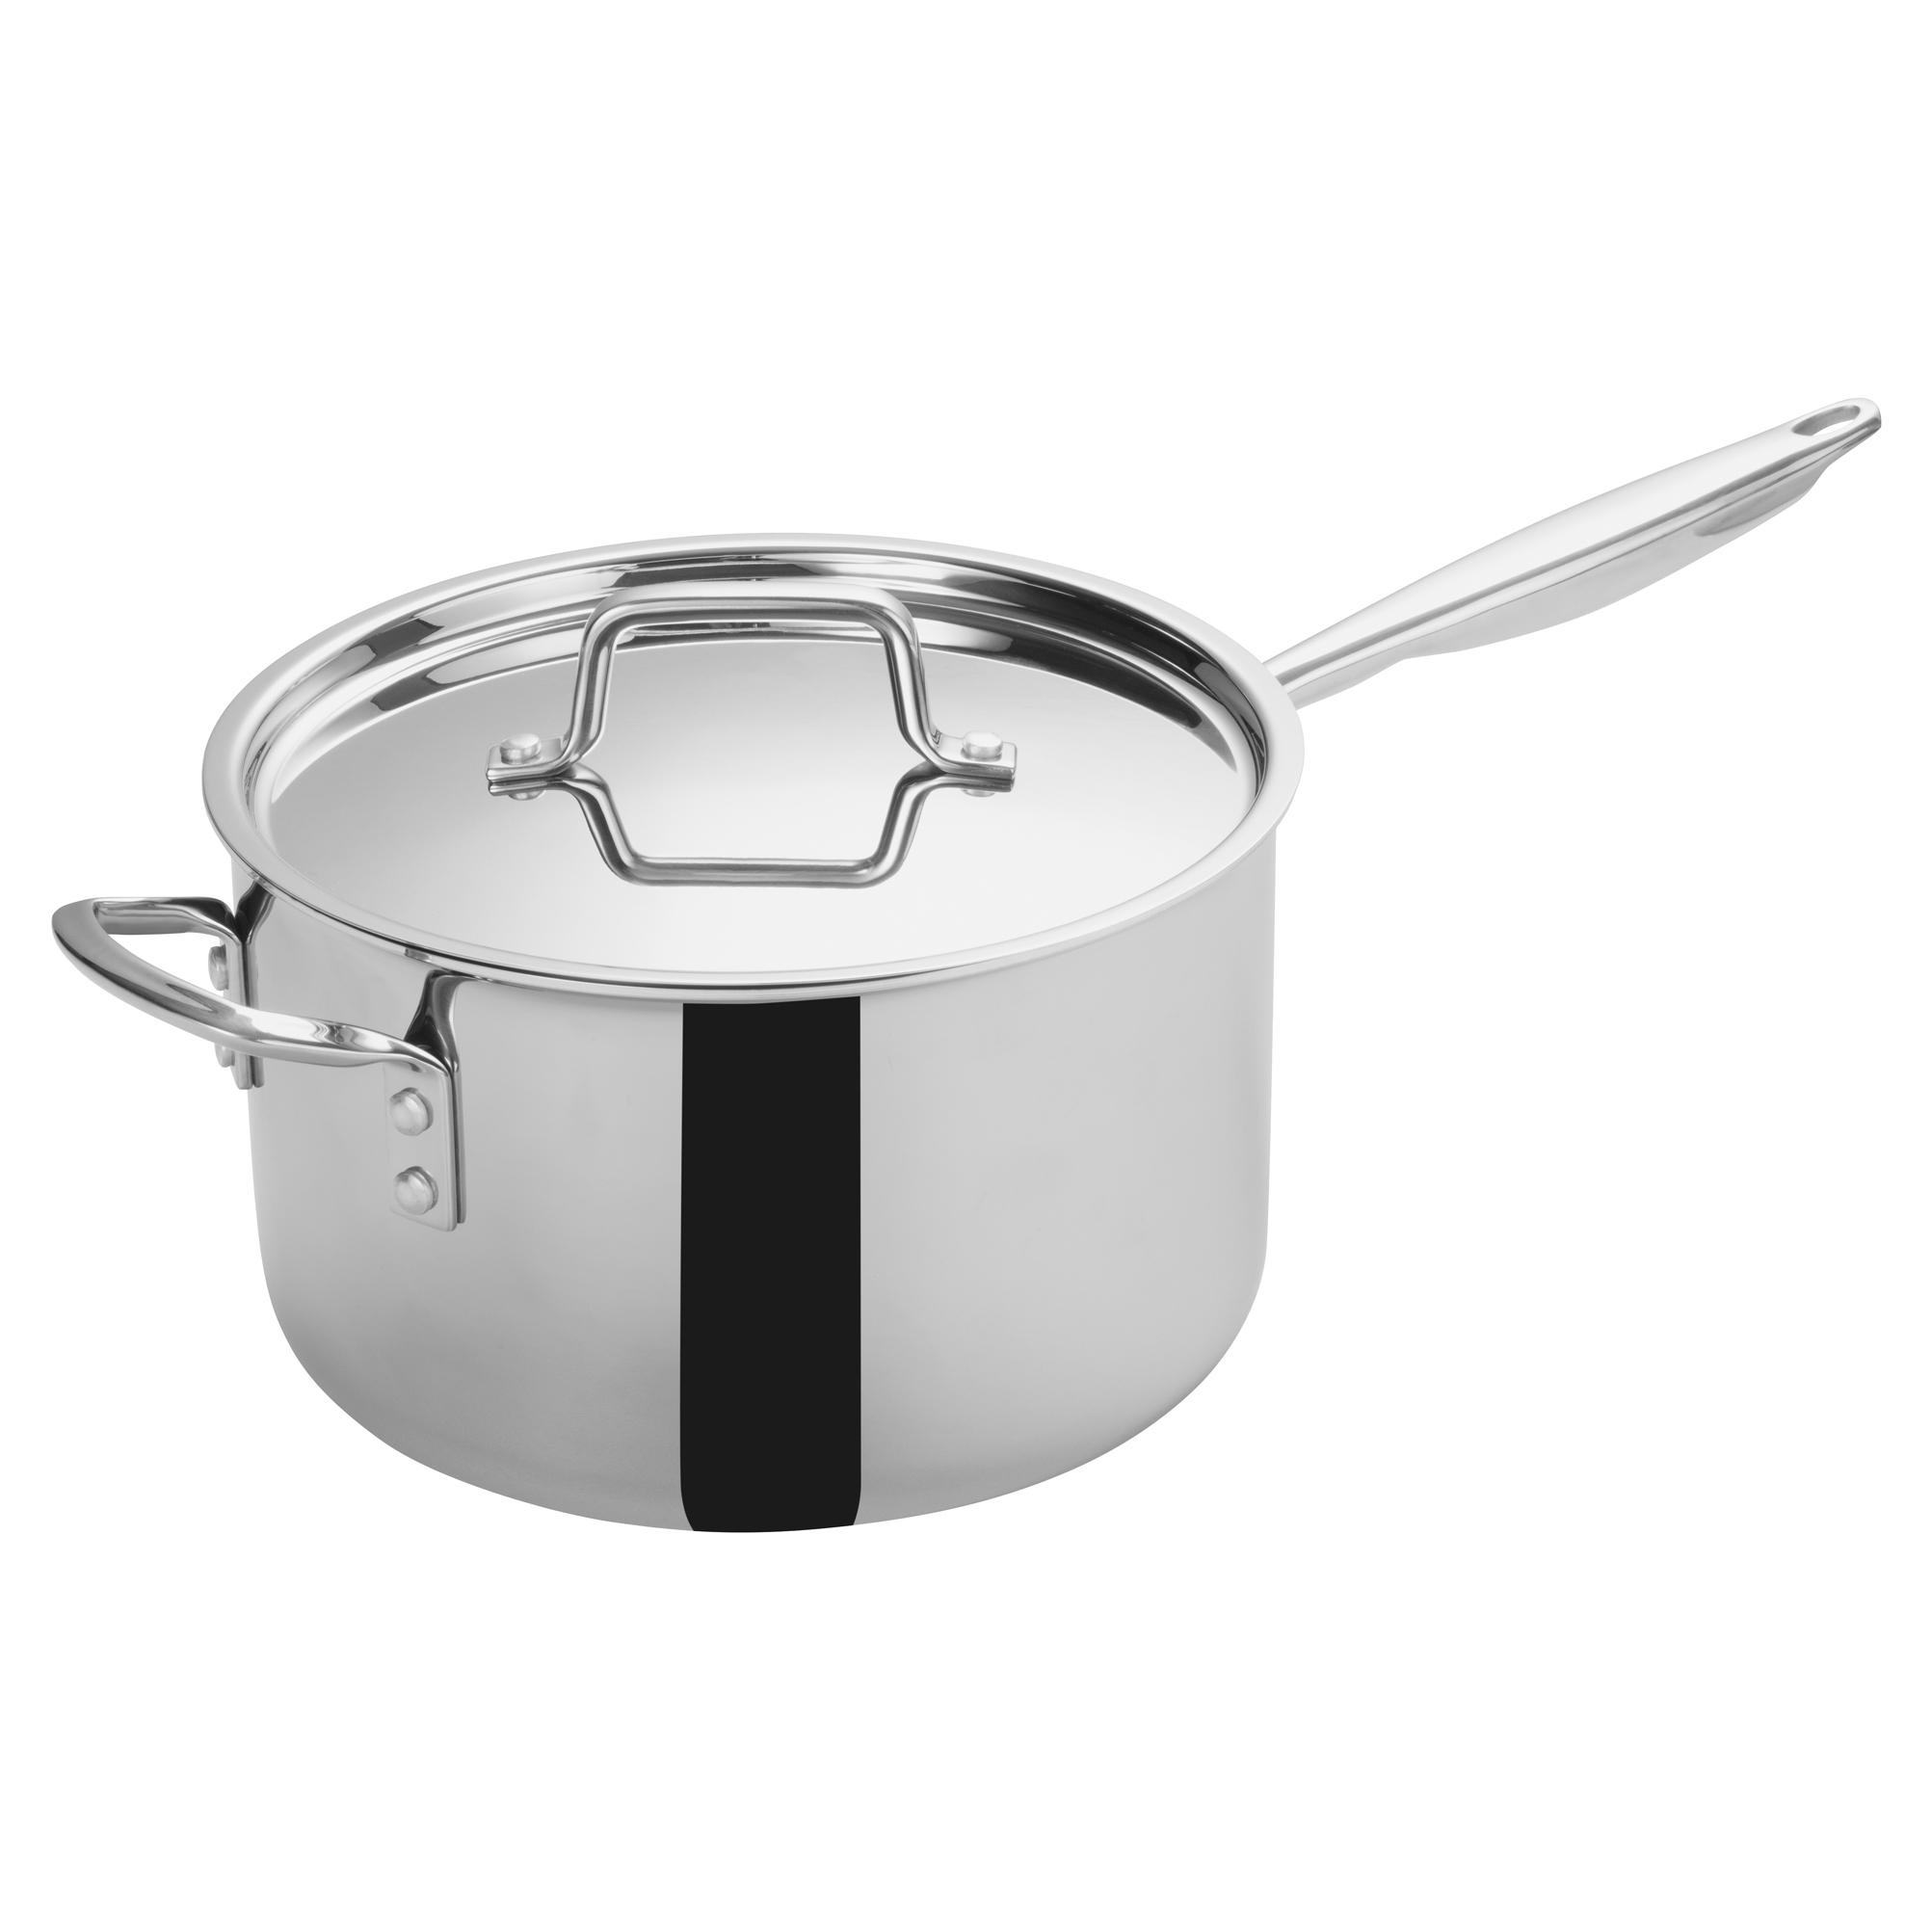 Winco TGAP-7 sauce pan